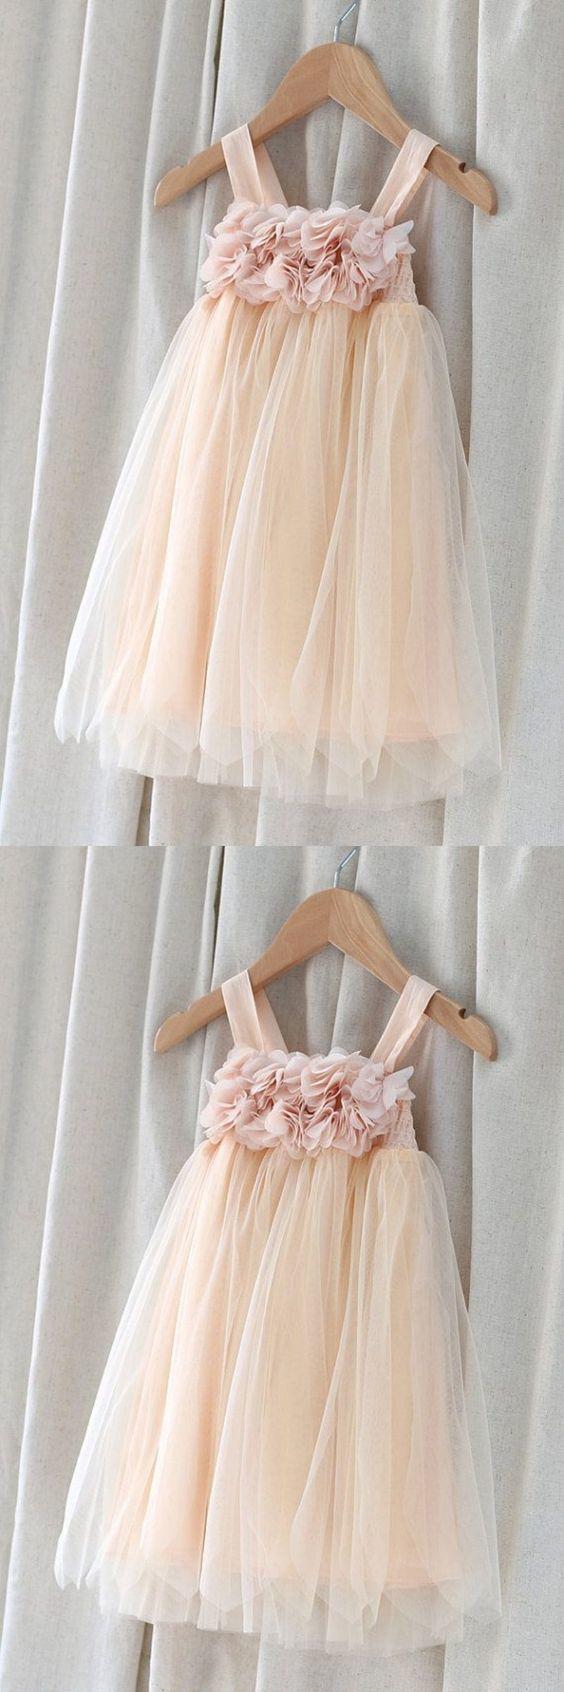 A-line Spaghetti Straps Tulle Flower Girl Dress